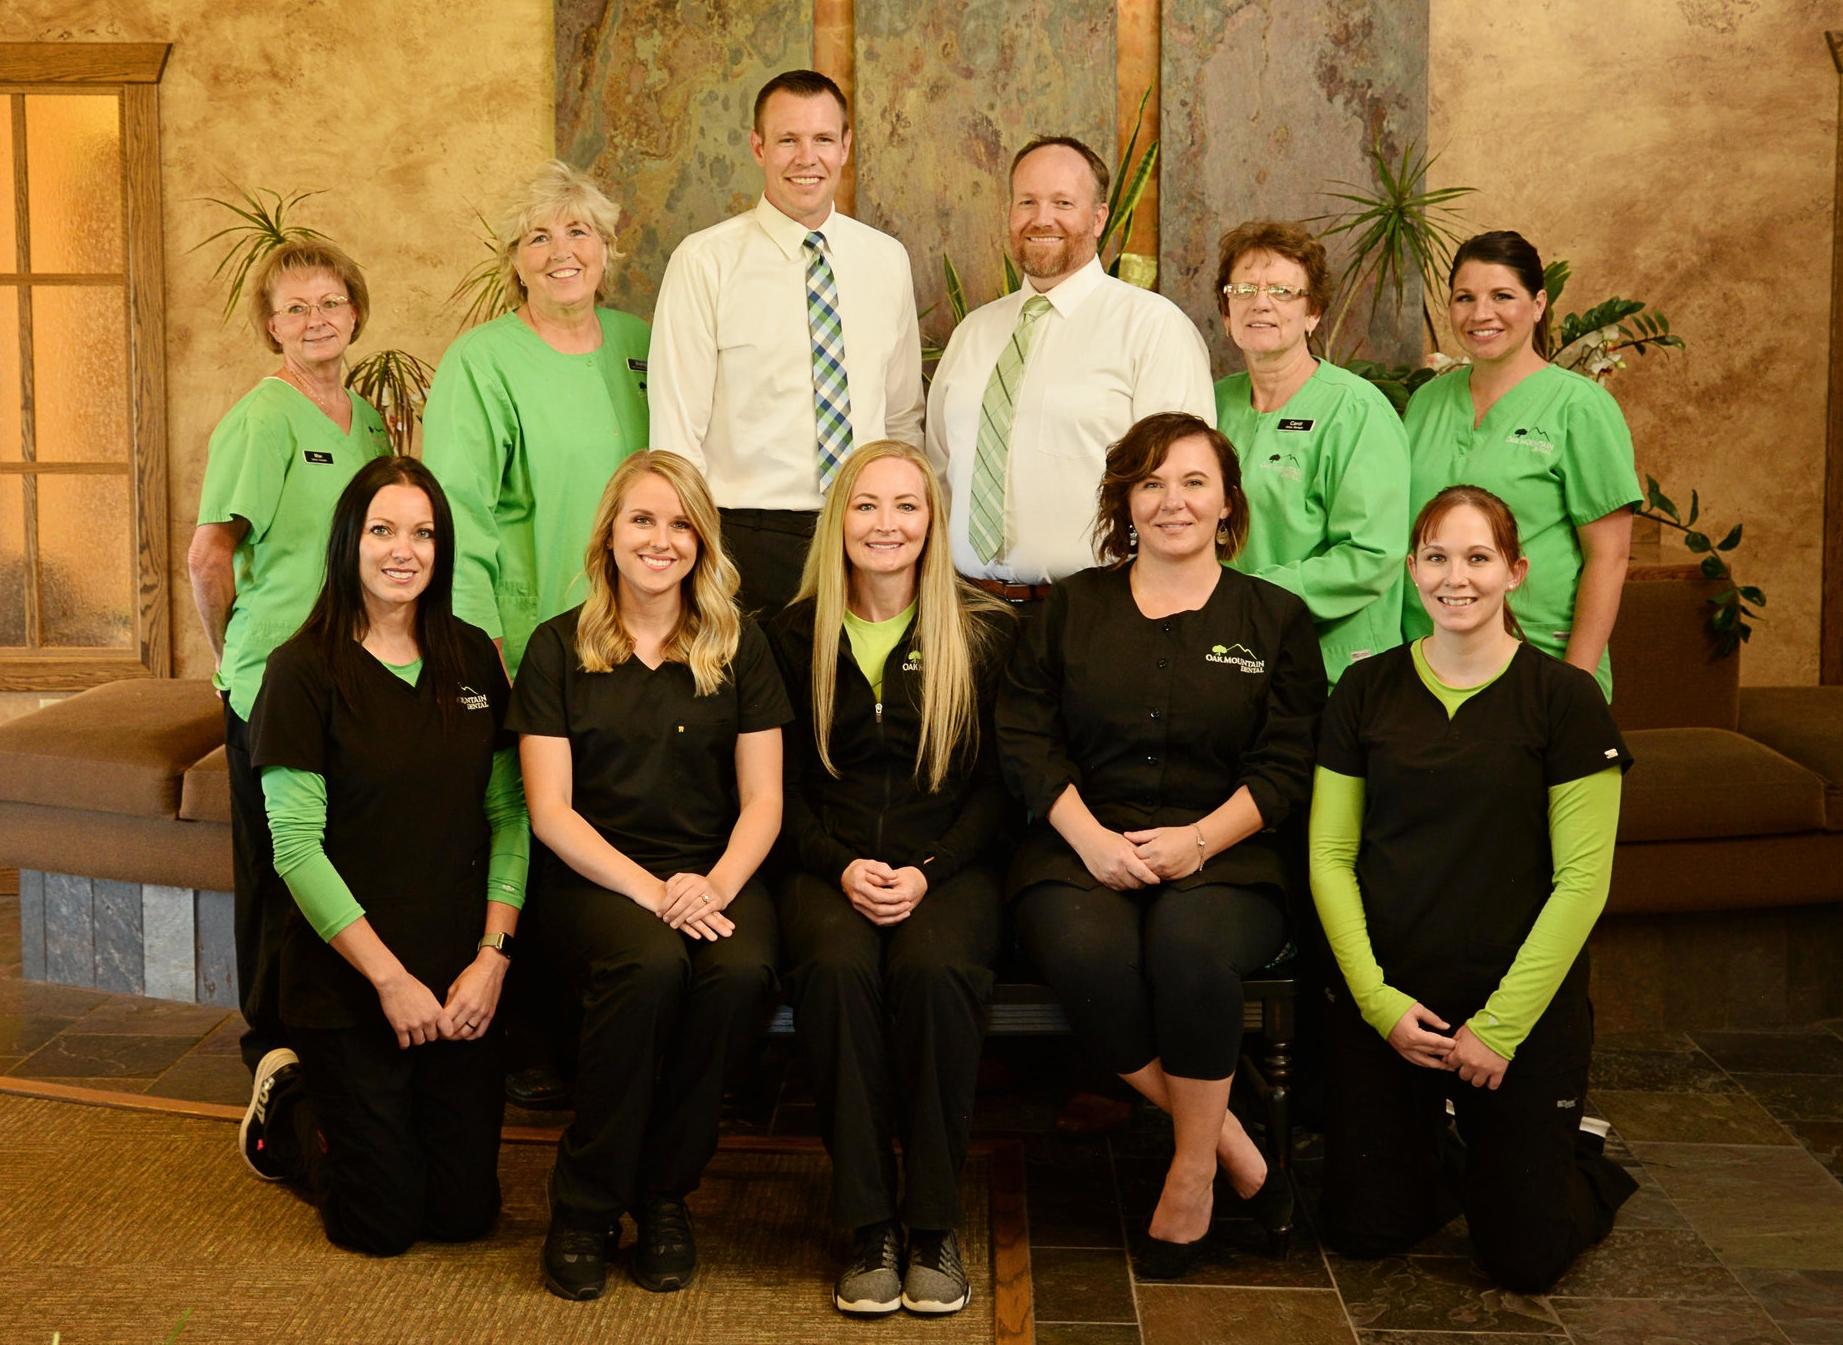 The team of Oak Mountain Dental in Pocatello, Idaho